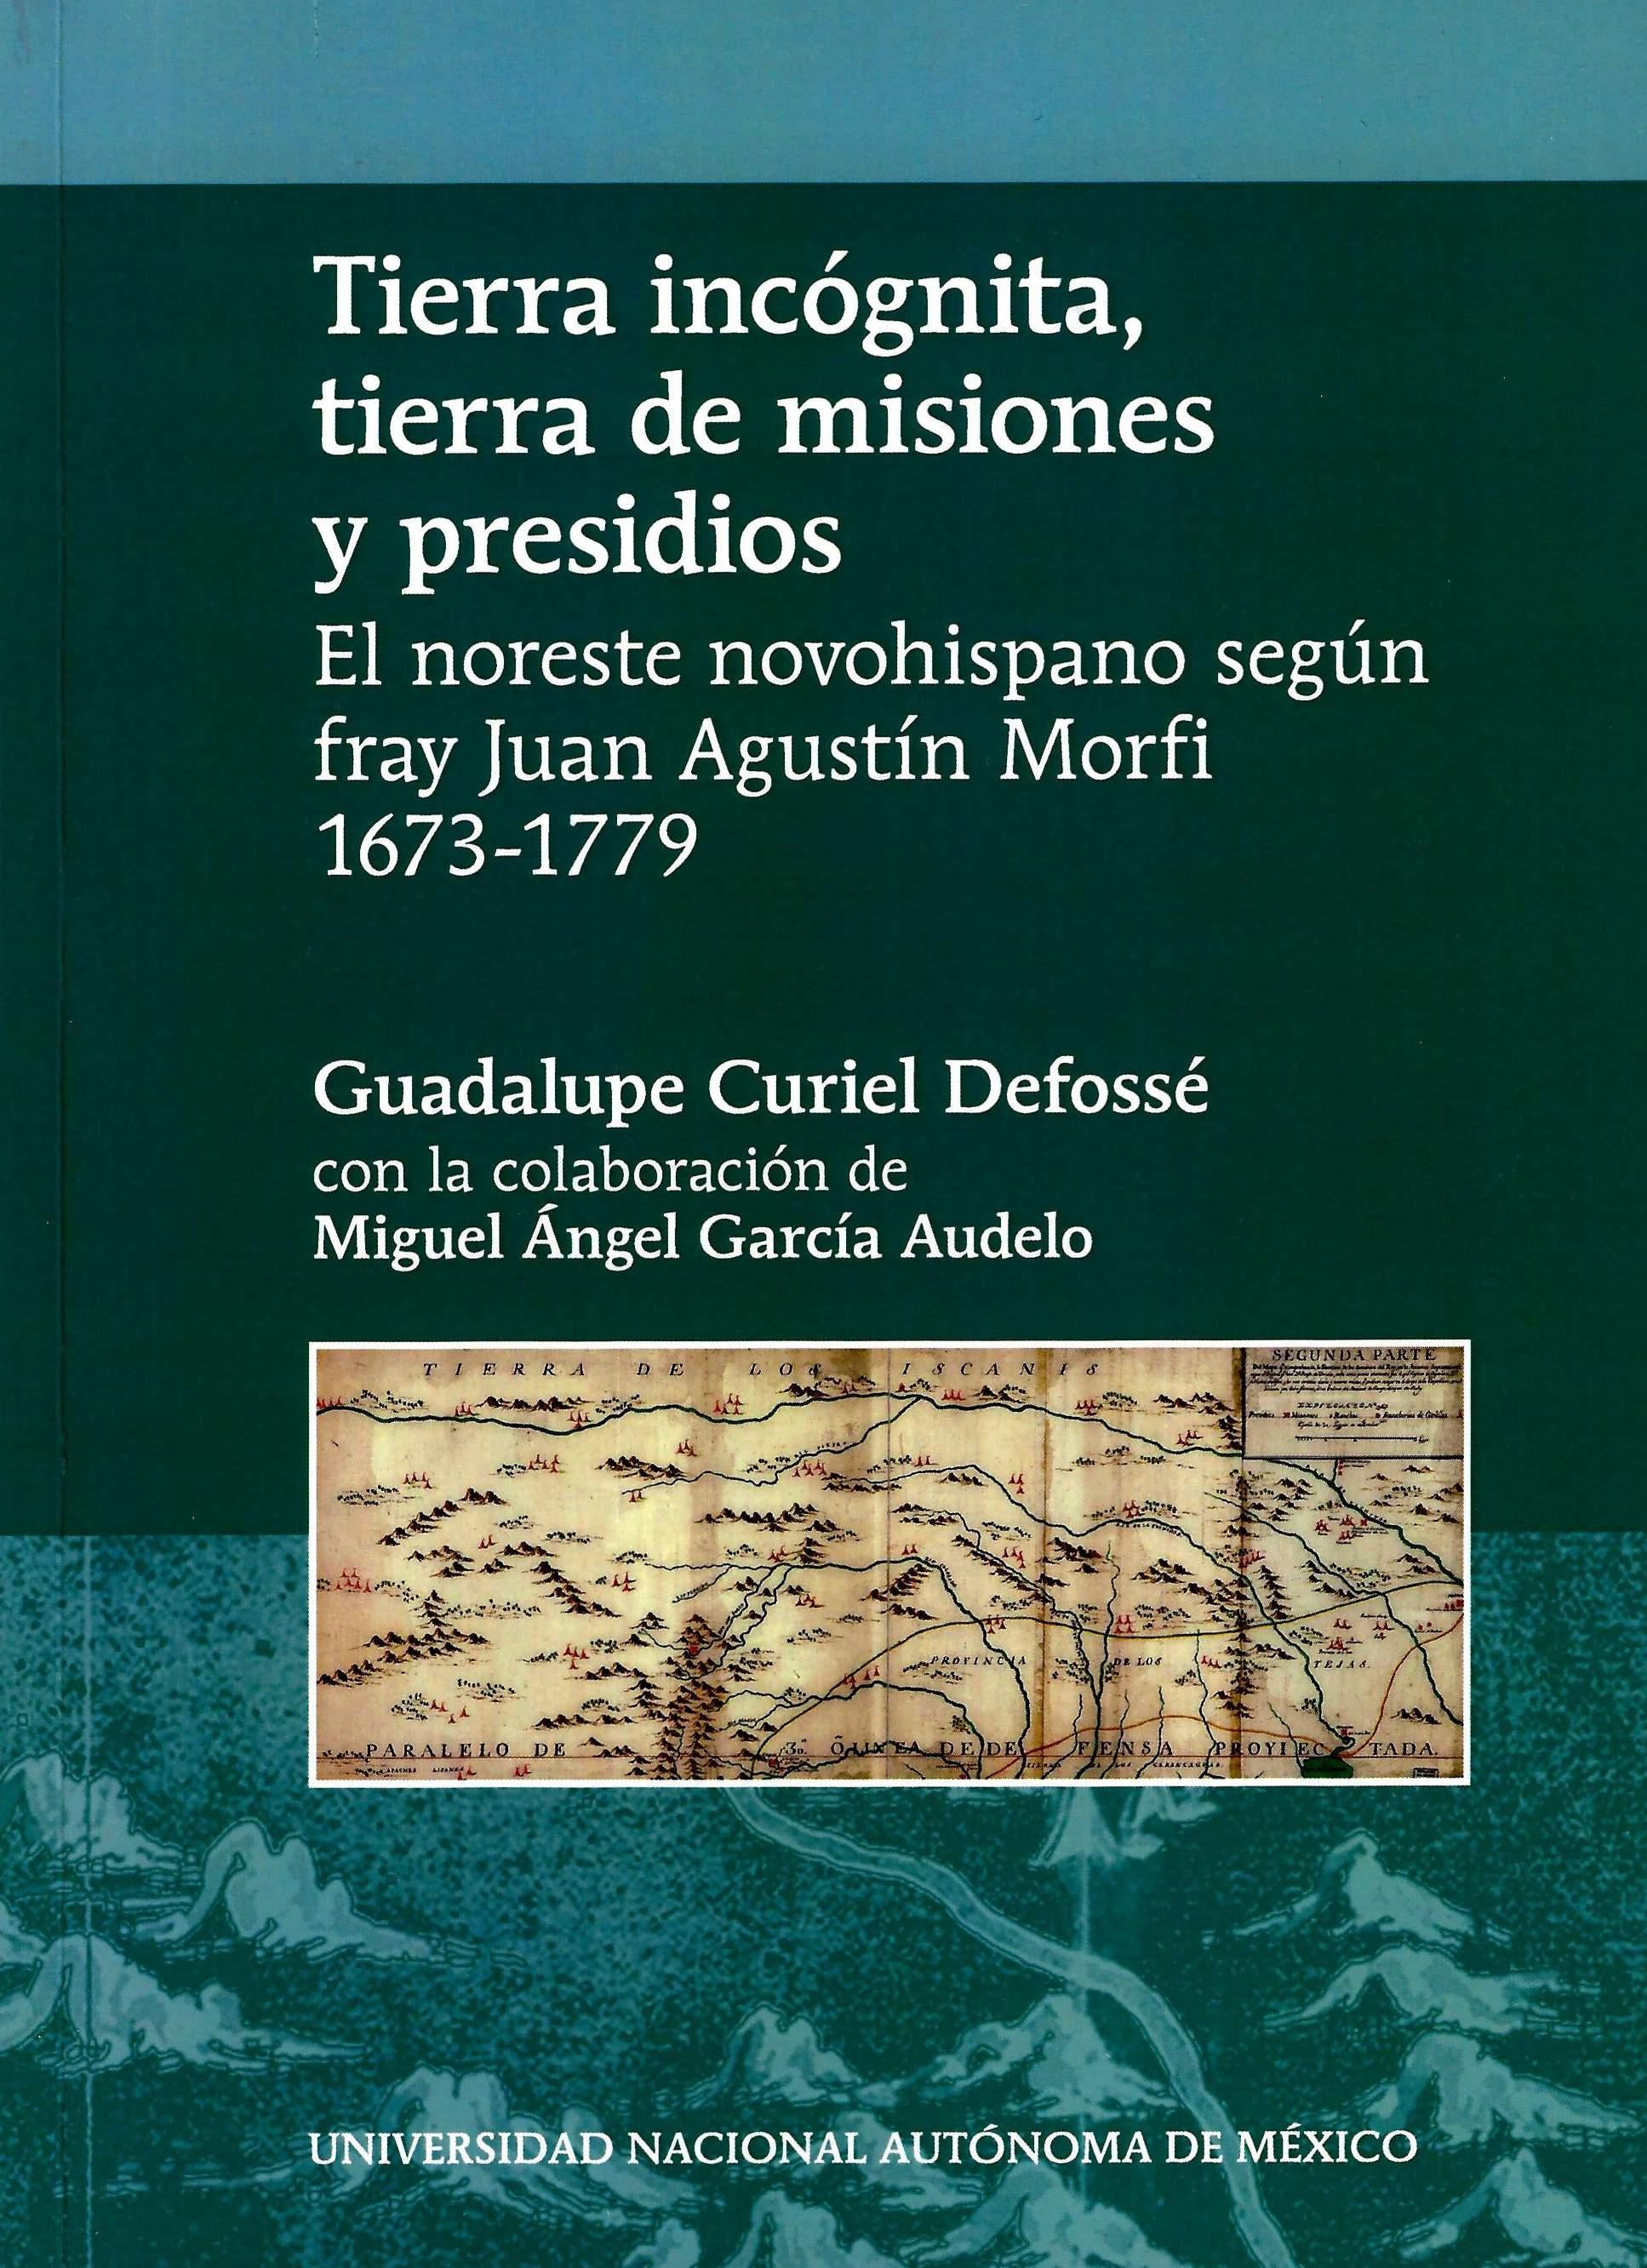 Tierra incógnita, tierra de misiones y presidios: el noreste novohispano según fray Juan Agustín